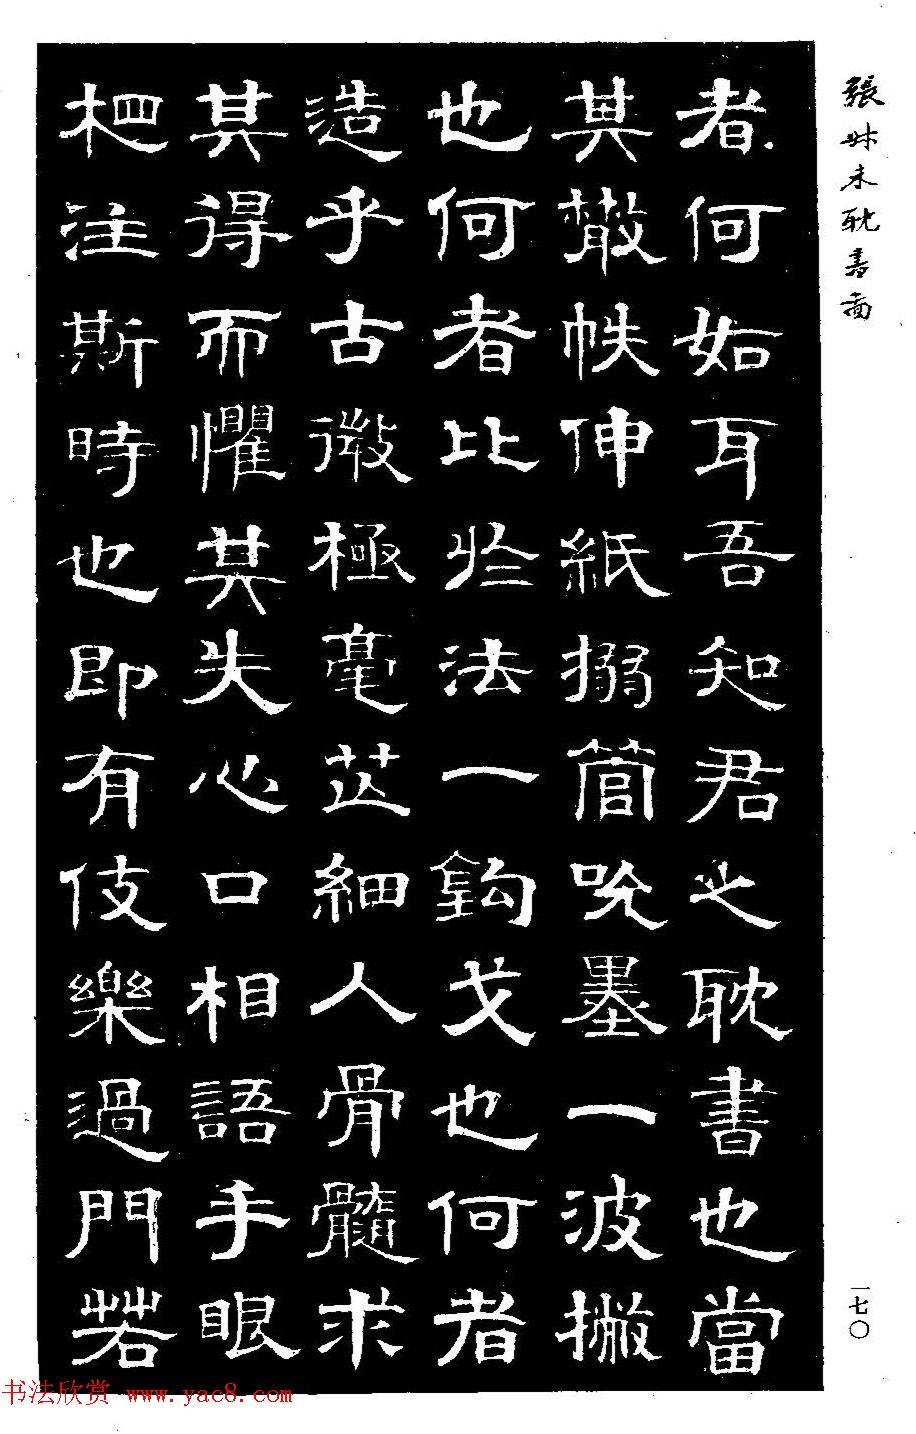 清代金石学家张廷济隶书《张叔未耽书图》